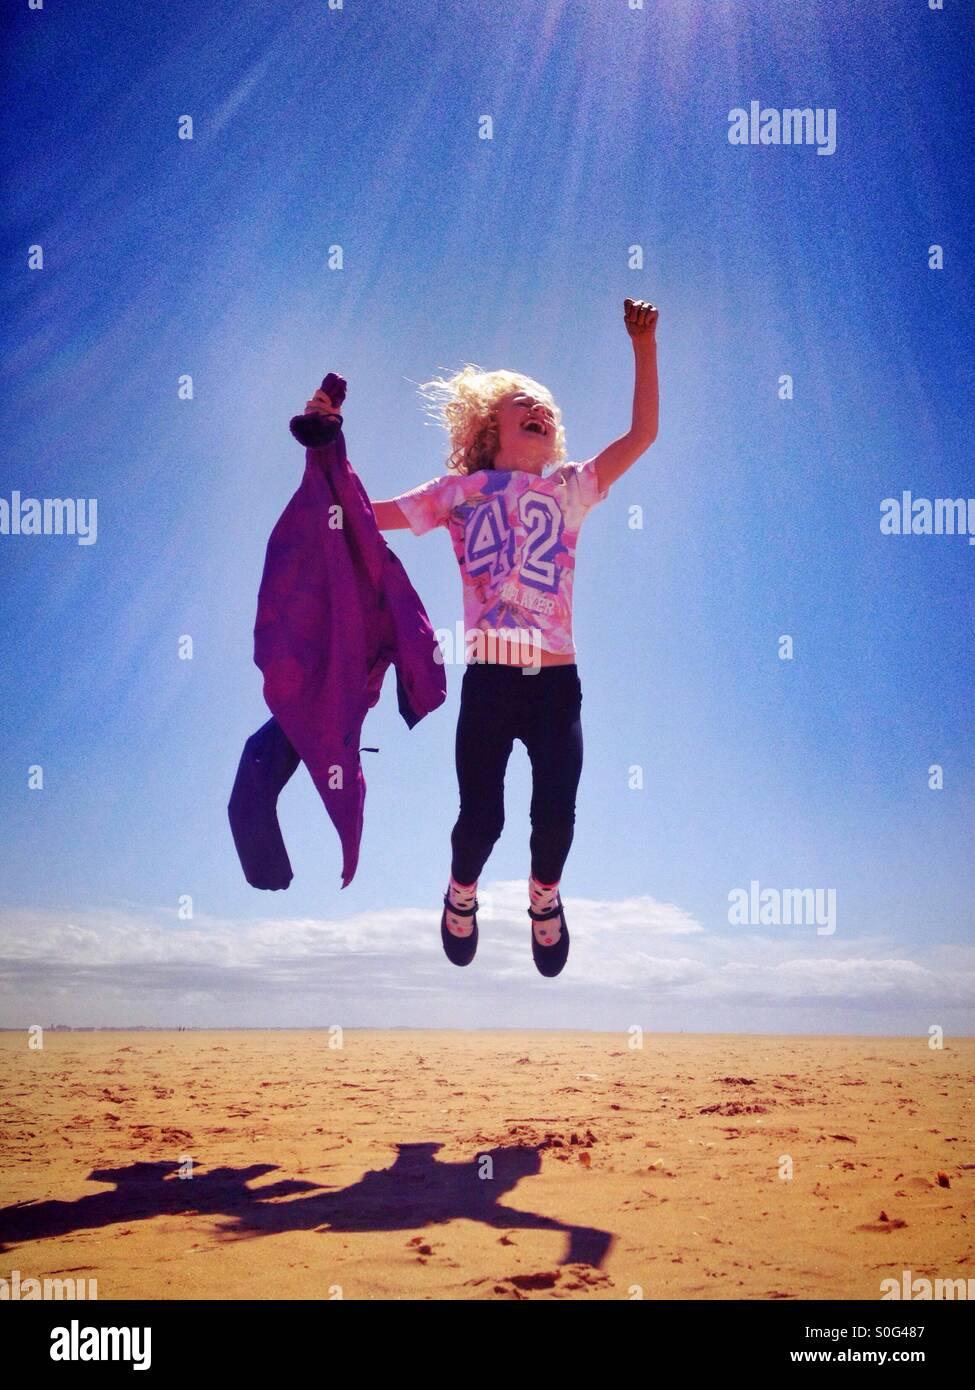 Jeune fille sautant de joie sur la plage Photo Stock